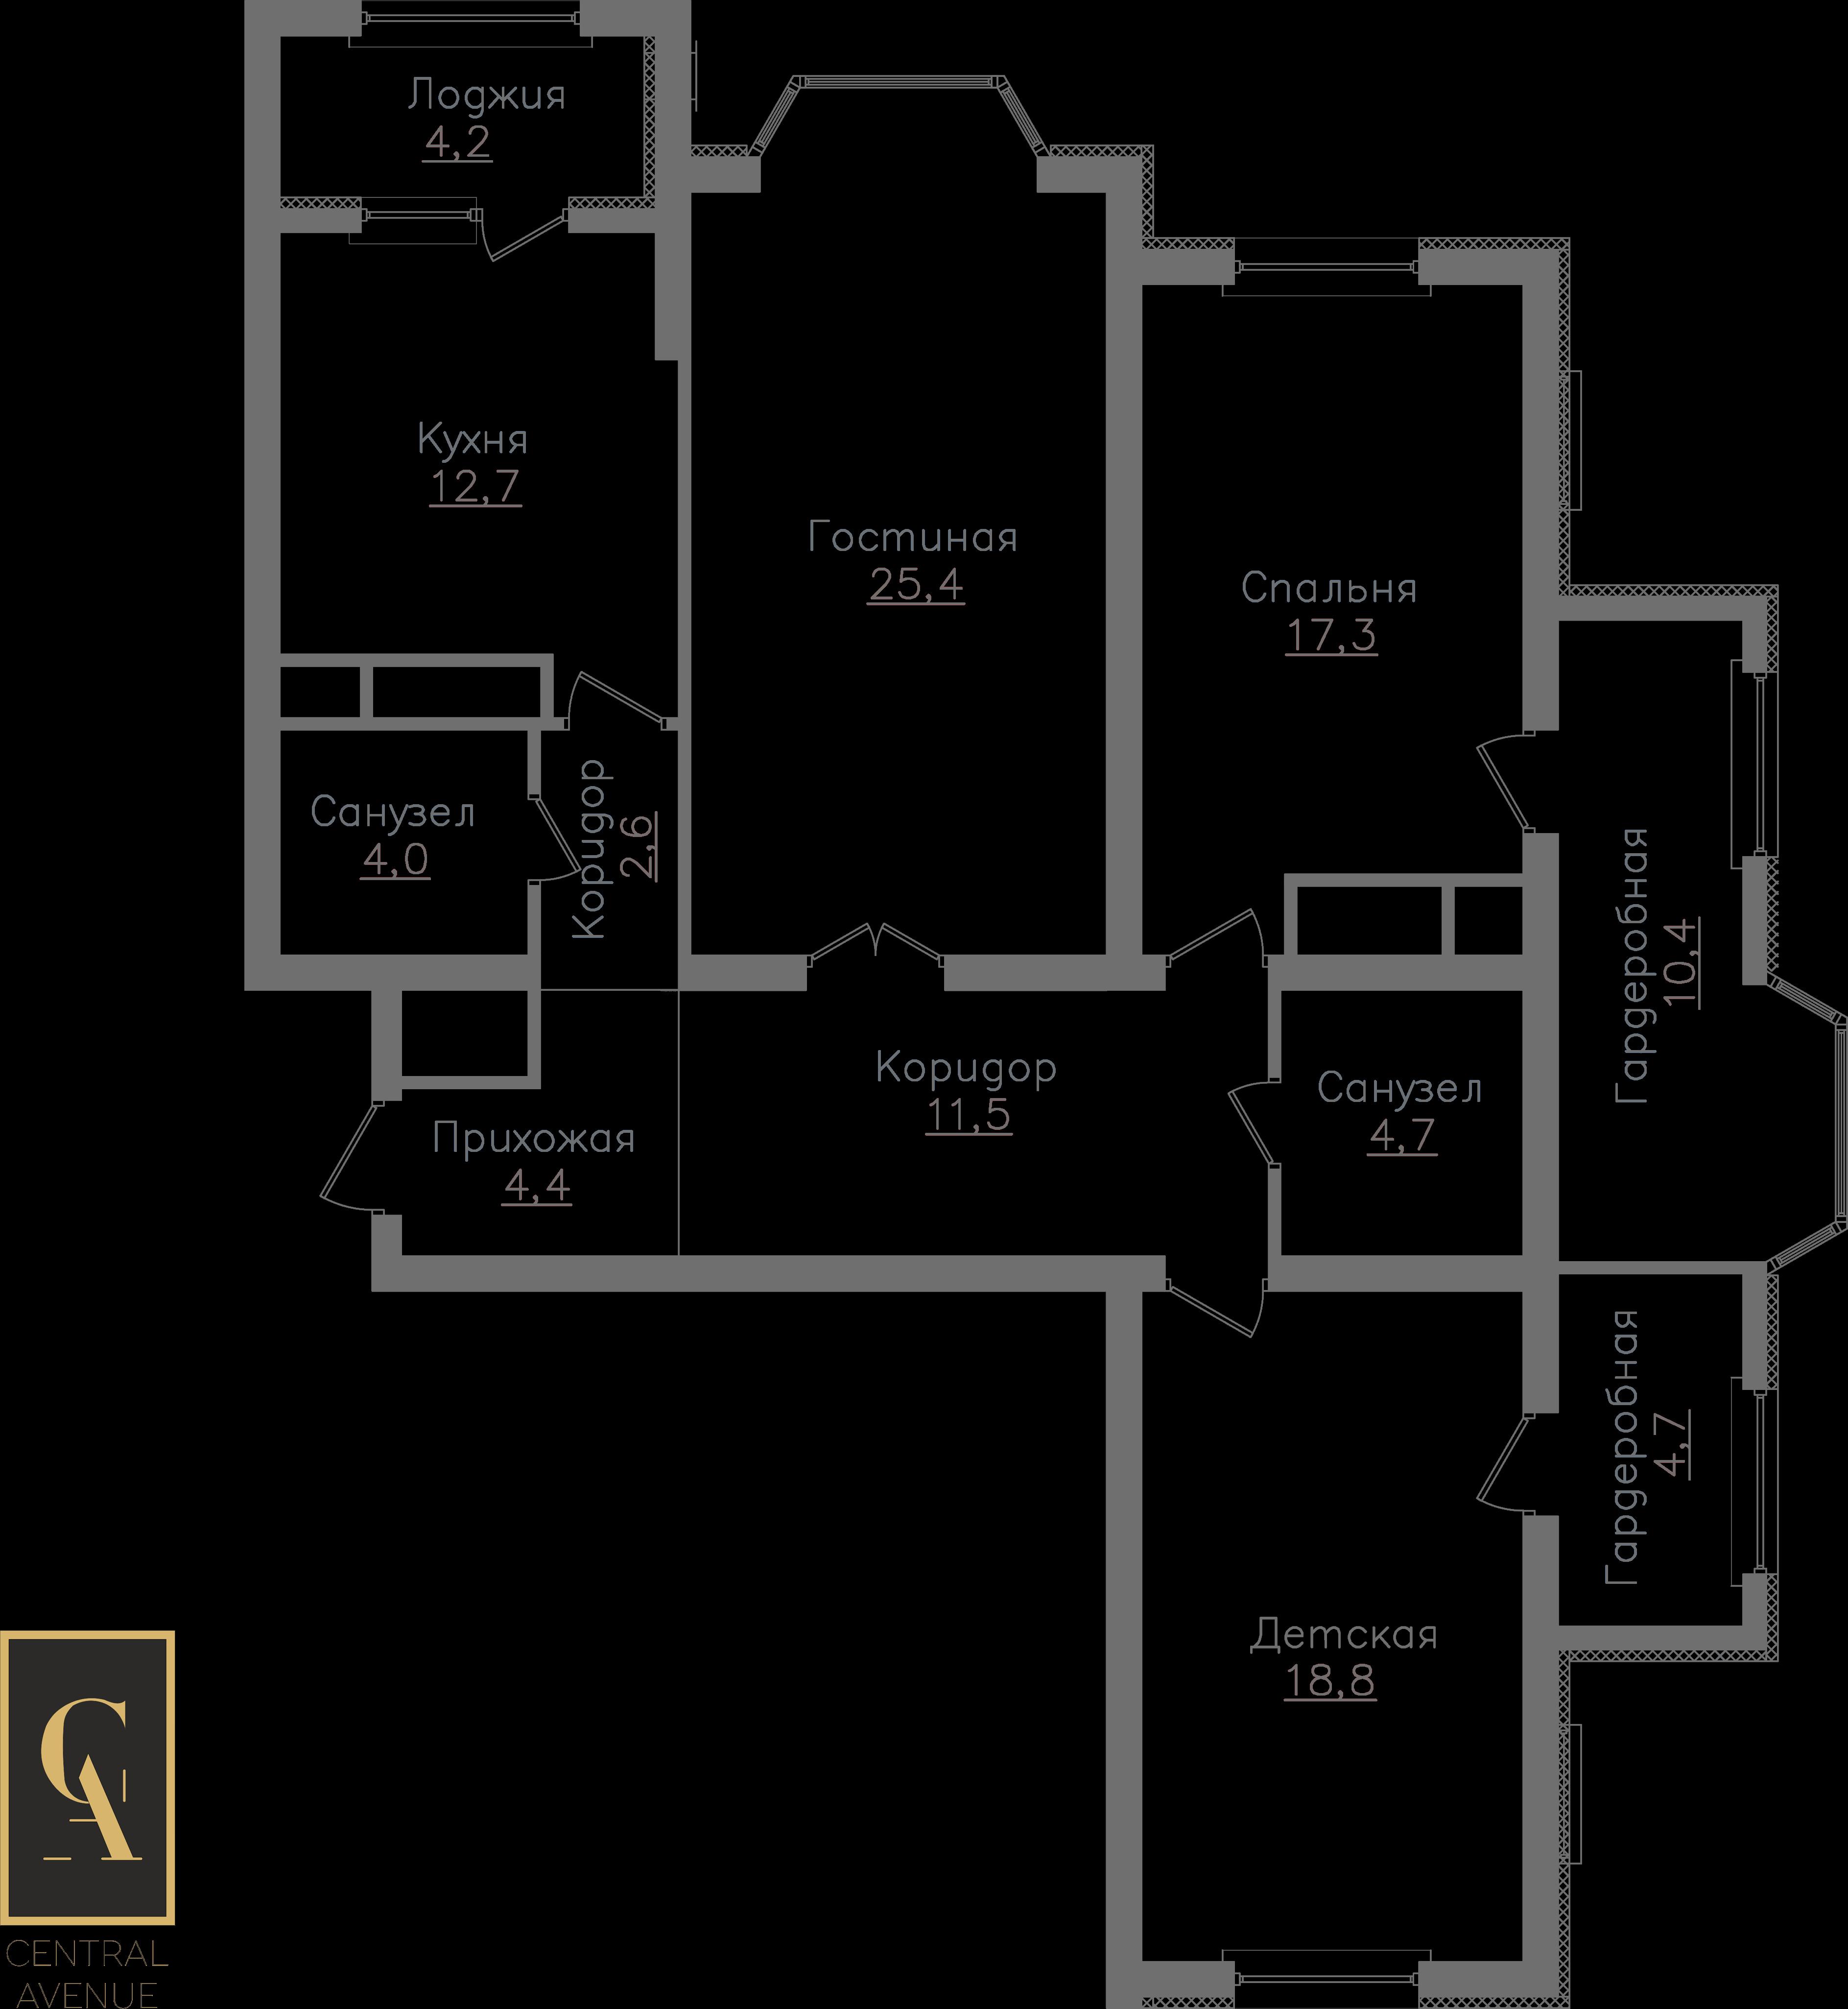 Квартира 179